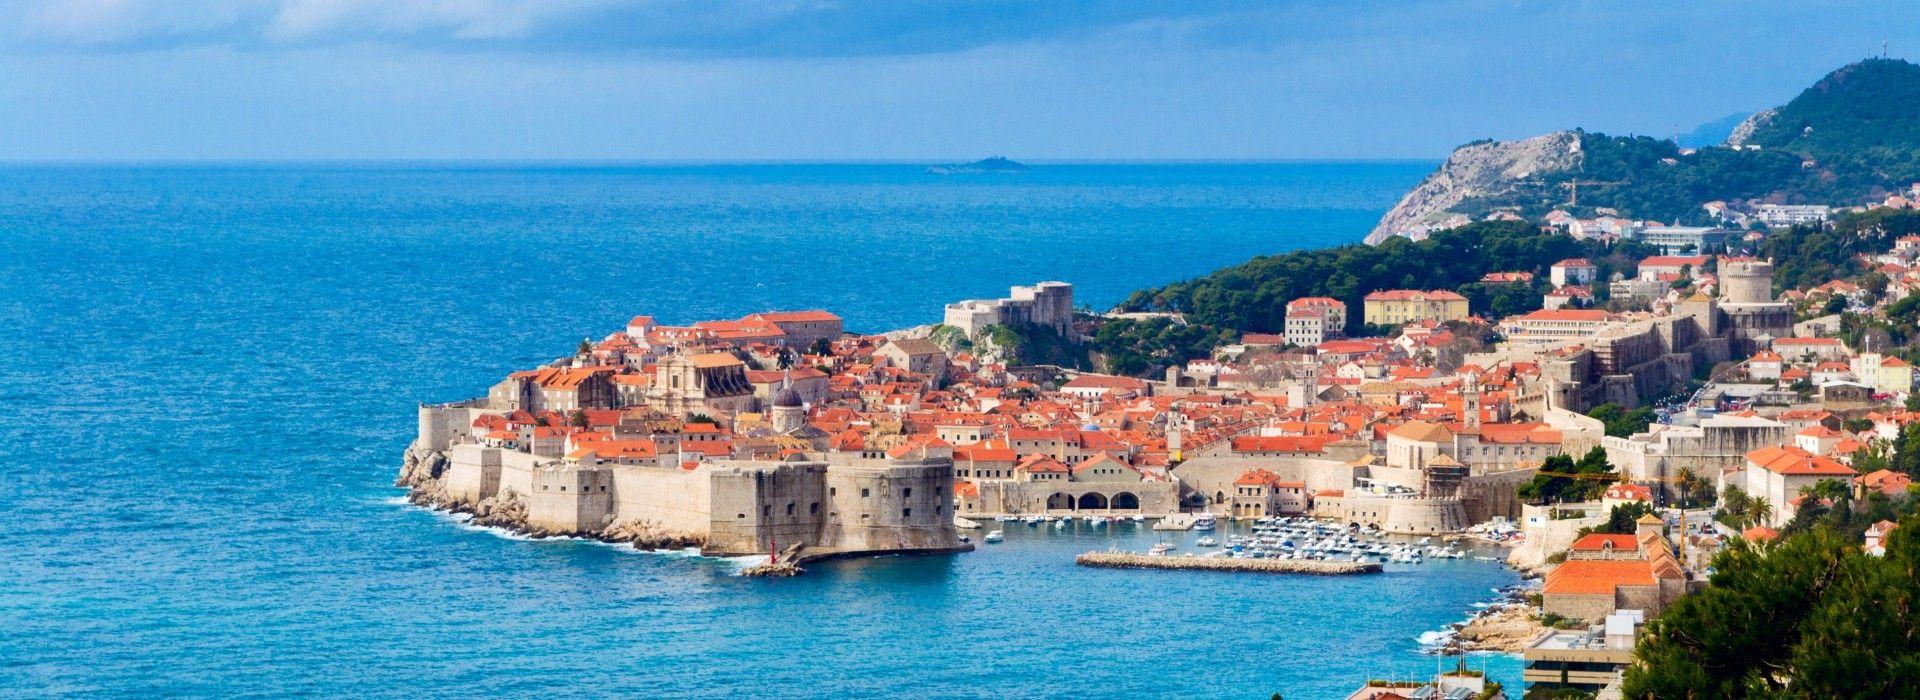 Walking tours in Dubrovnik